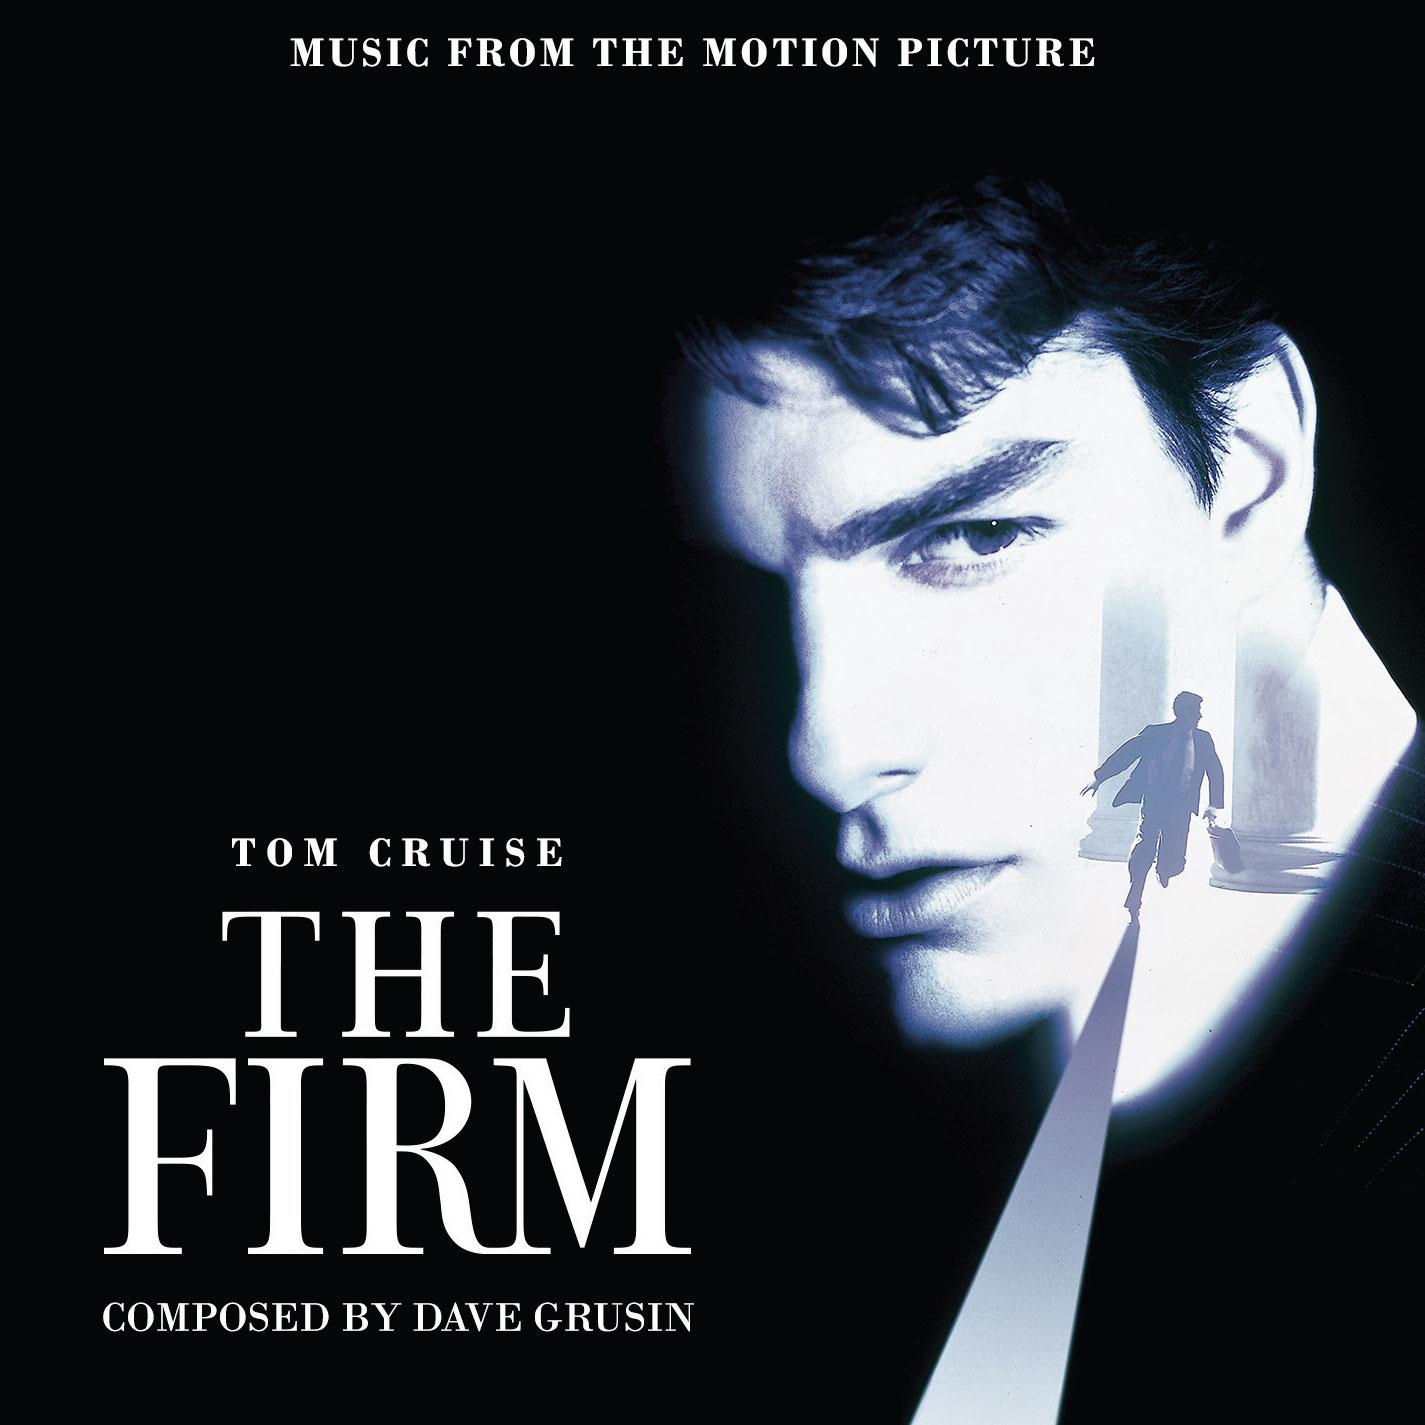 The Firm Complete Edition: Dave Grusin (La-La Land)